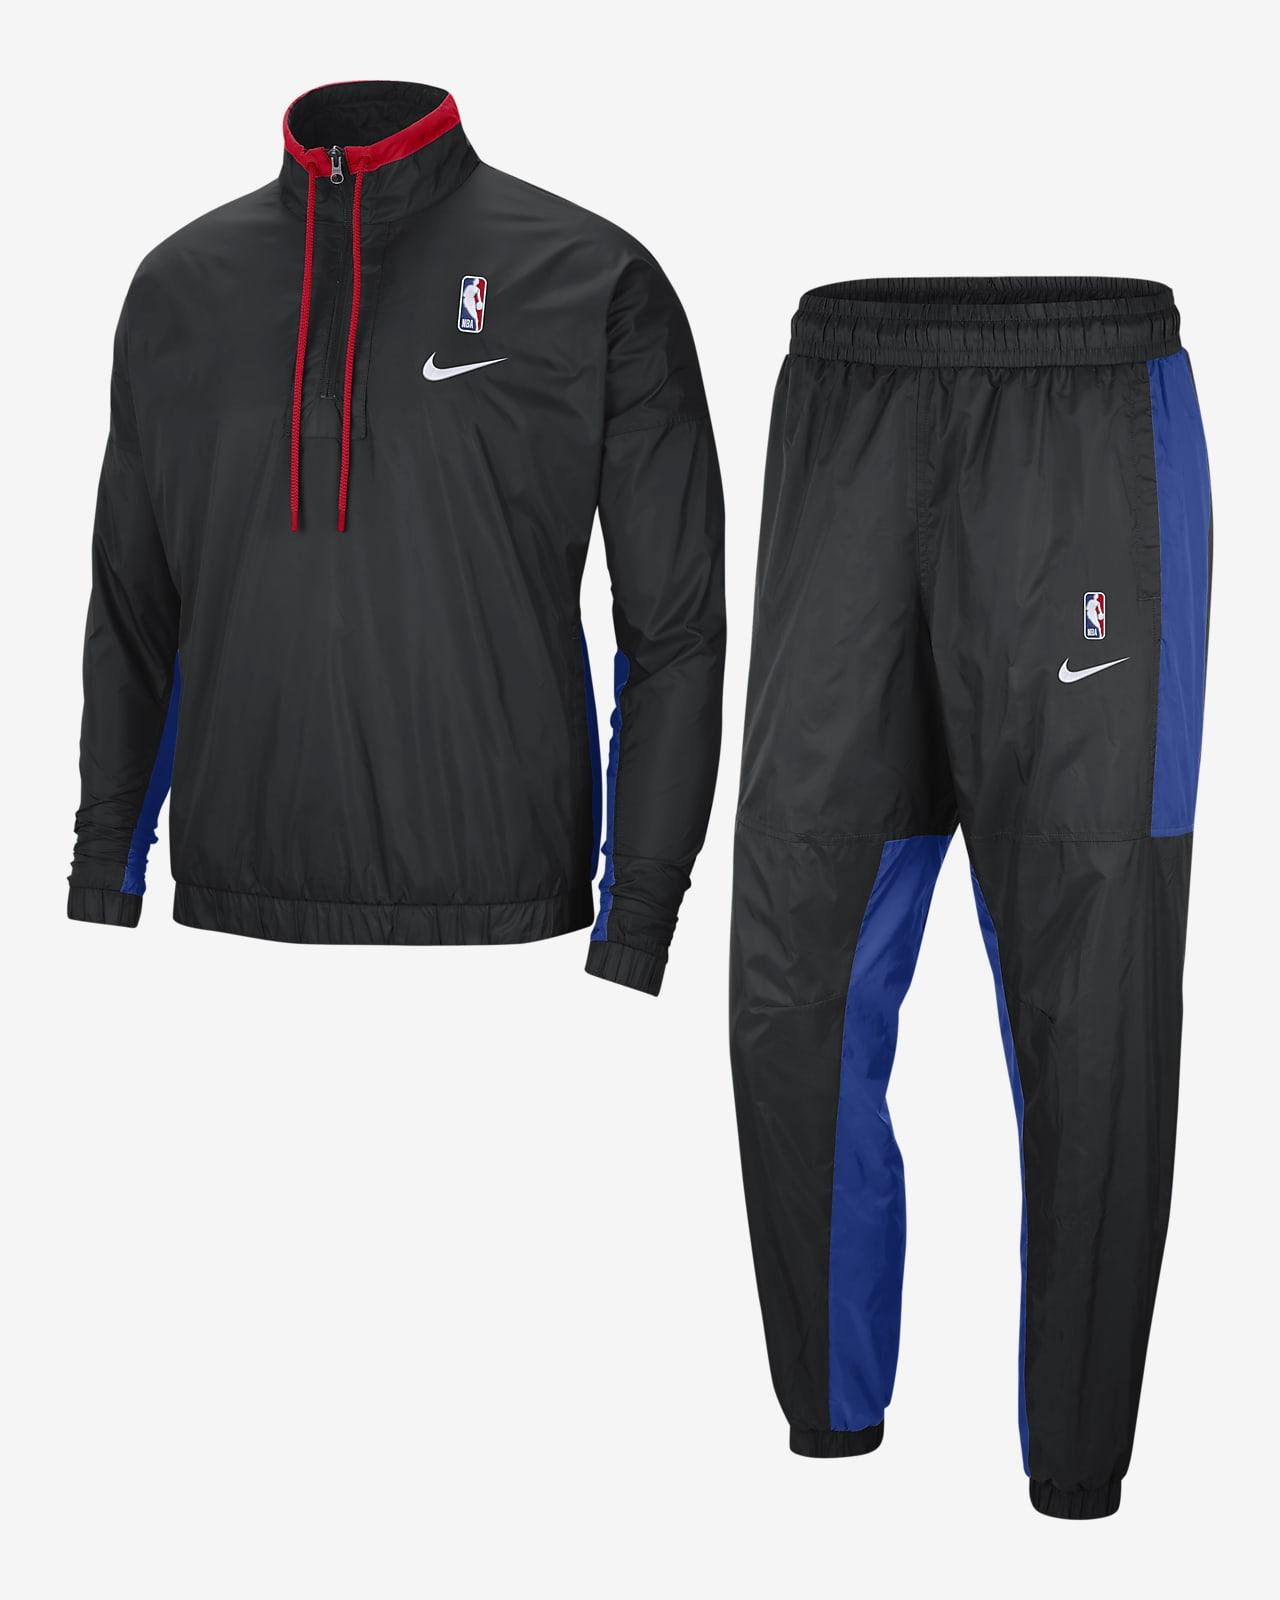 Team 31 Courtside Nike NBA-Trainingsanzug für Herren